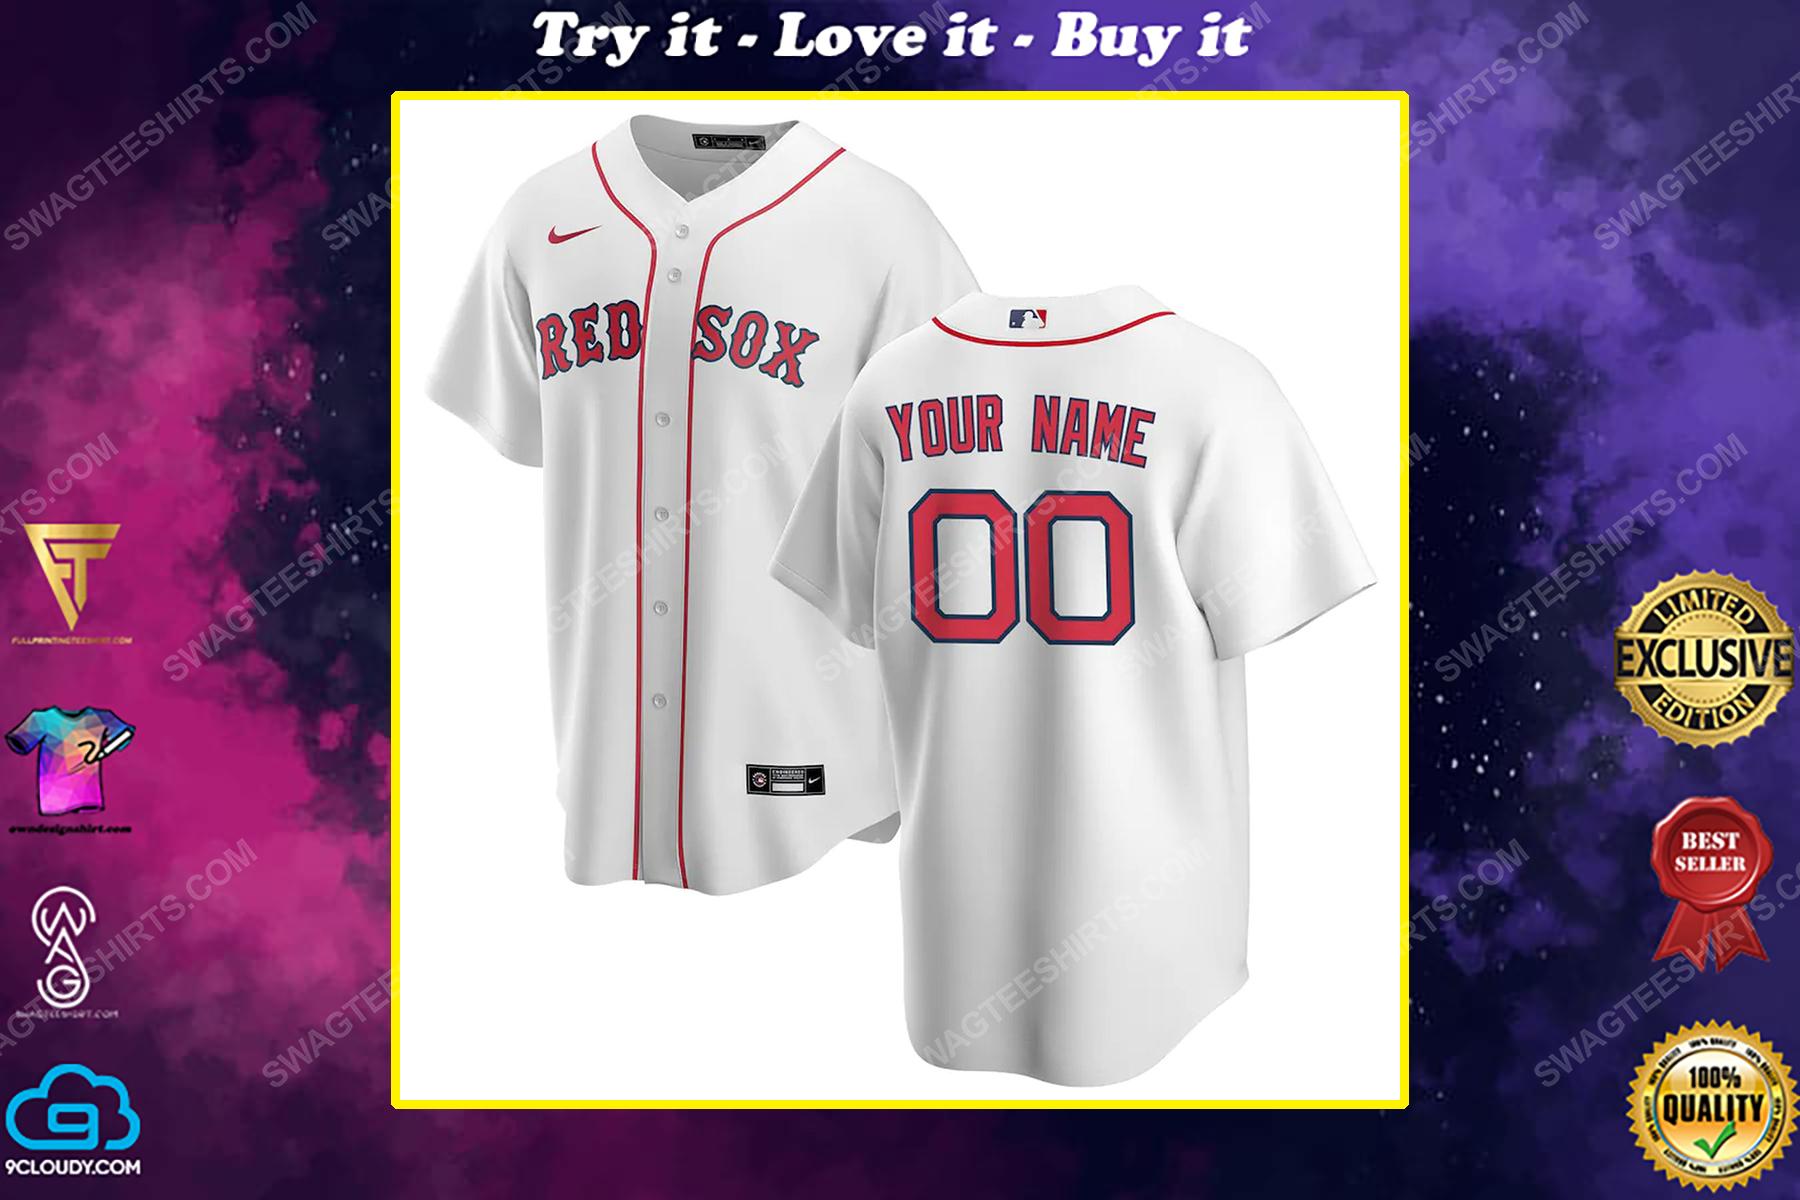 Personalized mlb boston red sox baseball jersey